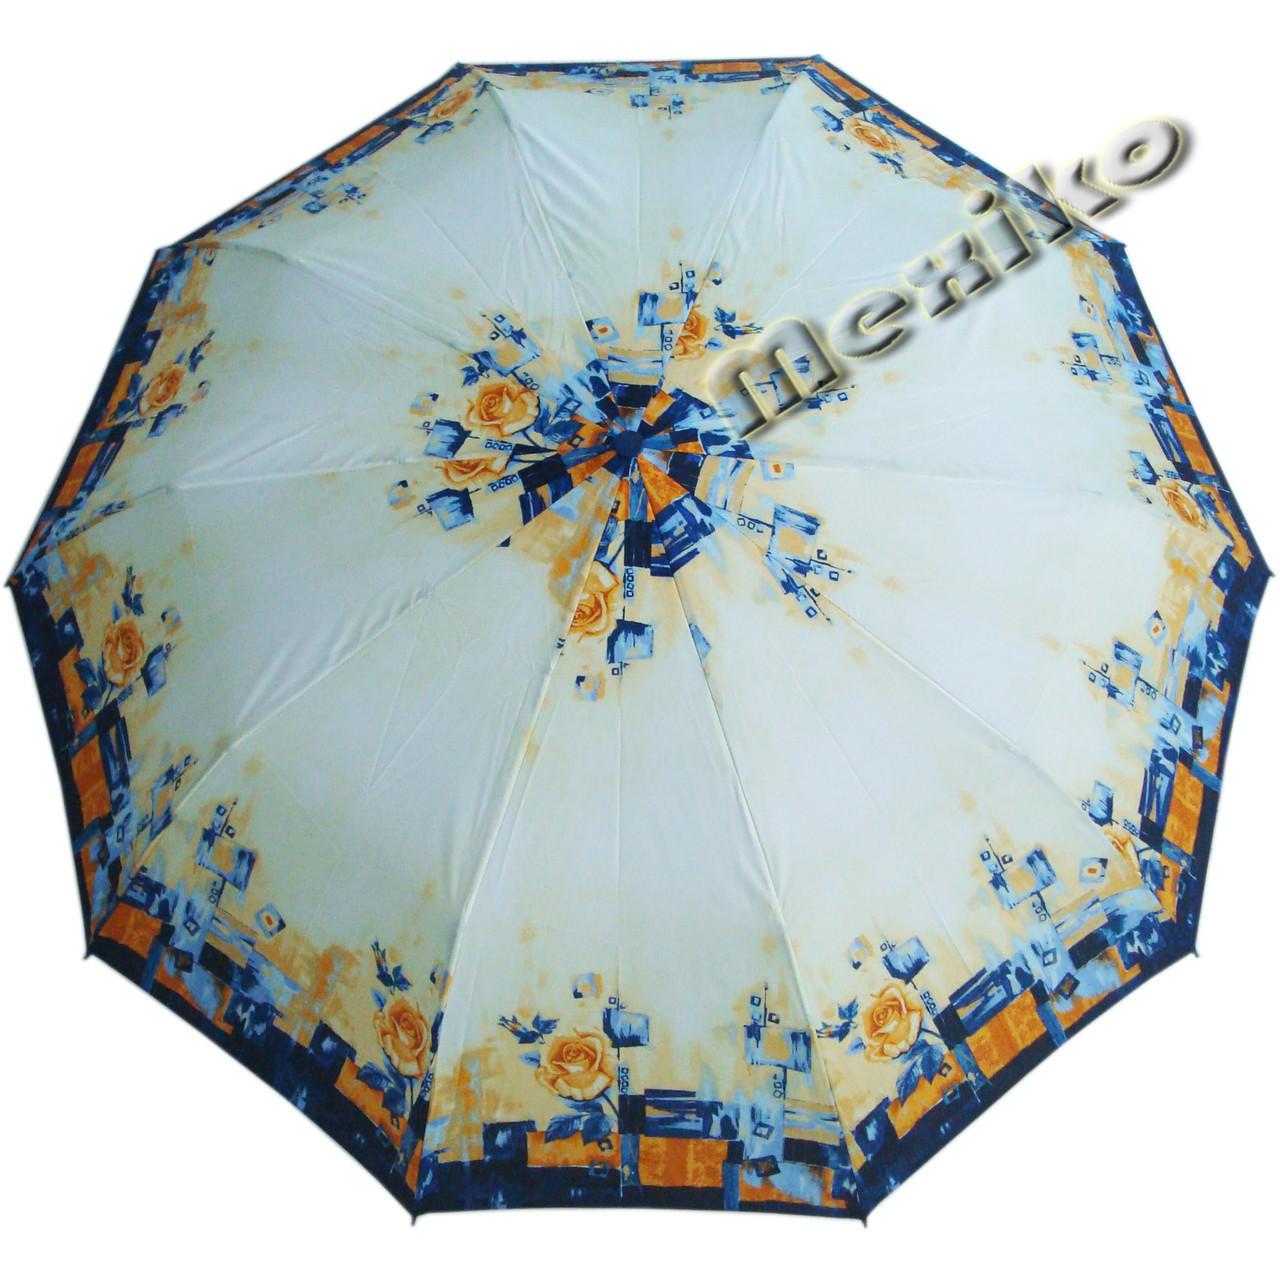 Зонт ZEST, полный автомат серия 10 спиц, расцветка Лоретт